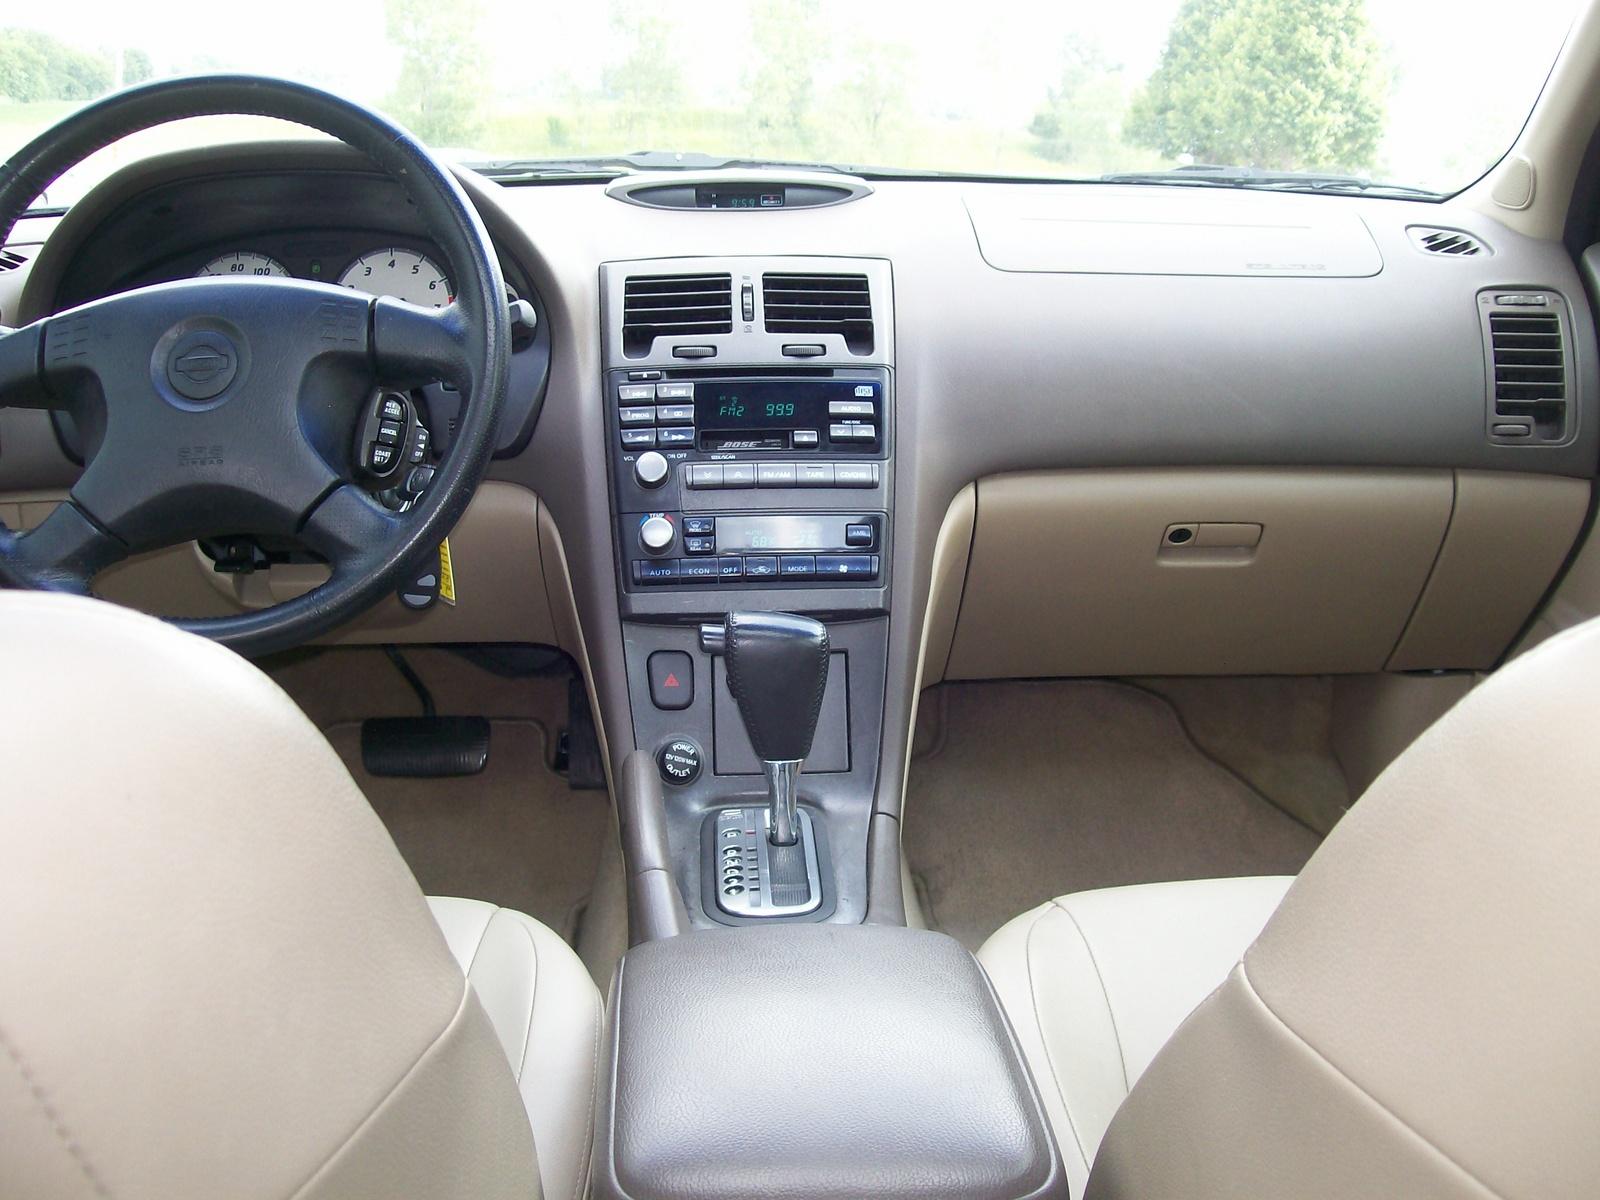 2000 Nissan Maxima Pictures Cargurus